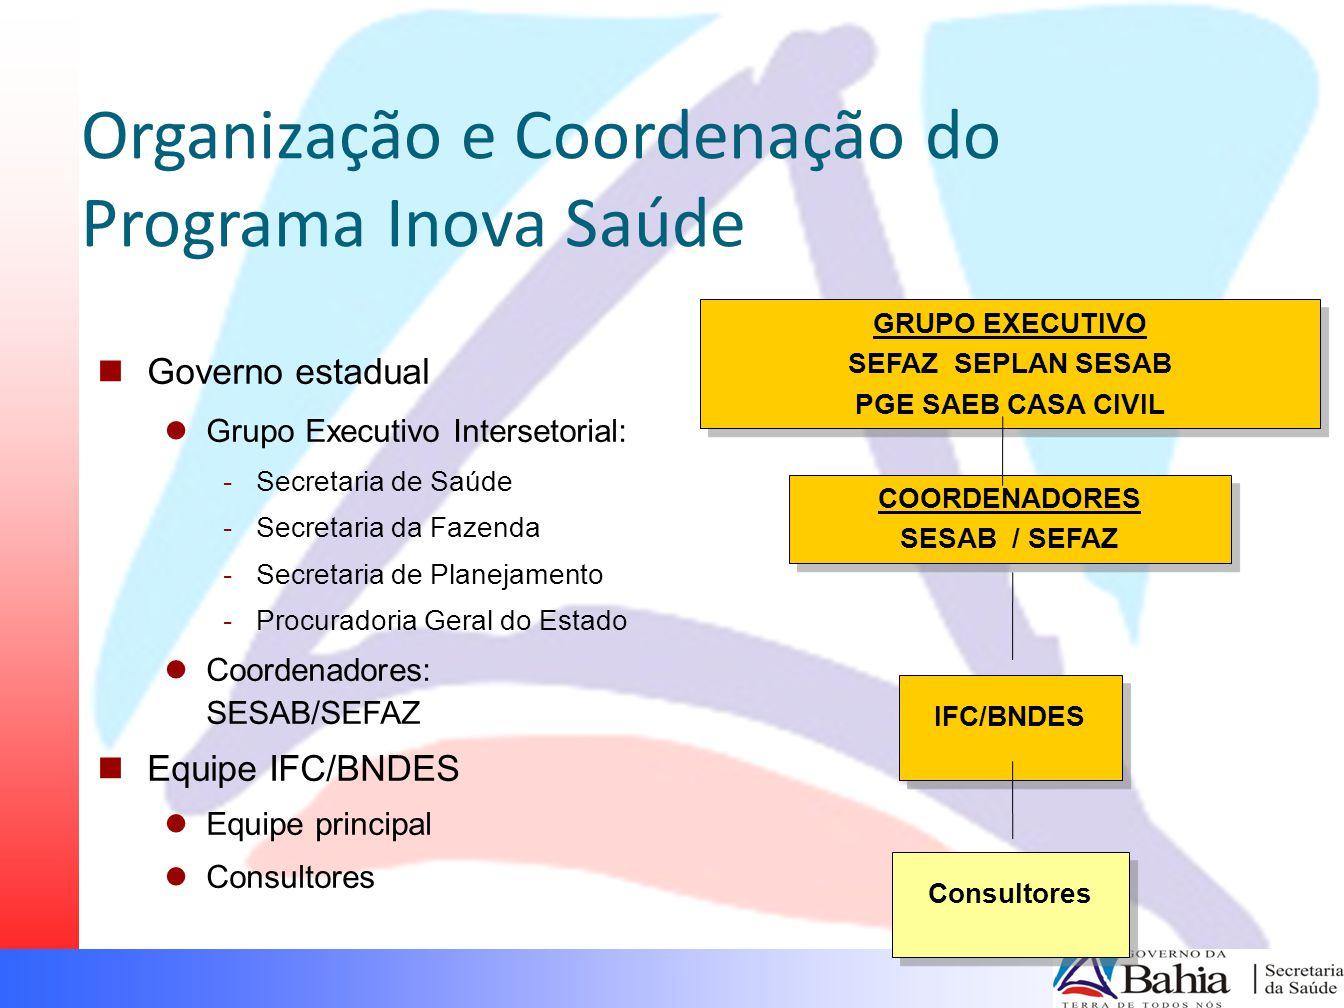 Organização e Coordenação do Programa Inova Saúde